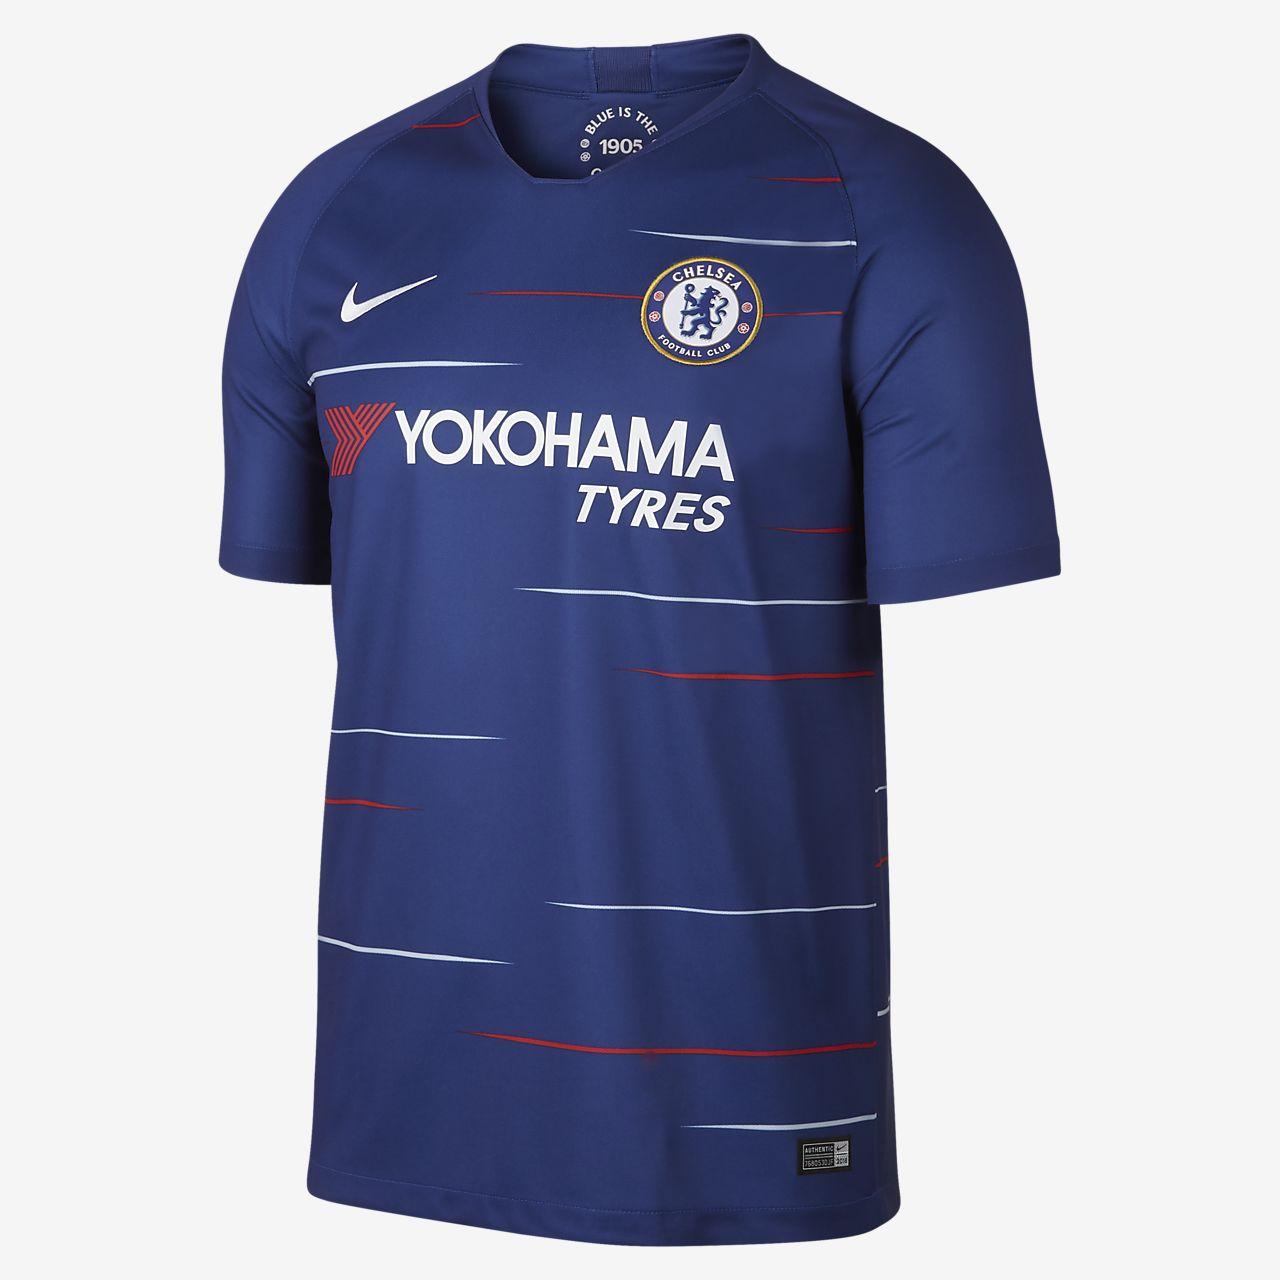 เสื้อแข่งฟุตบอลผู้ชาย 2018/19 Chelsea FC Stadium Home